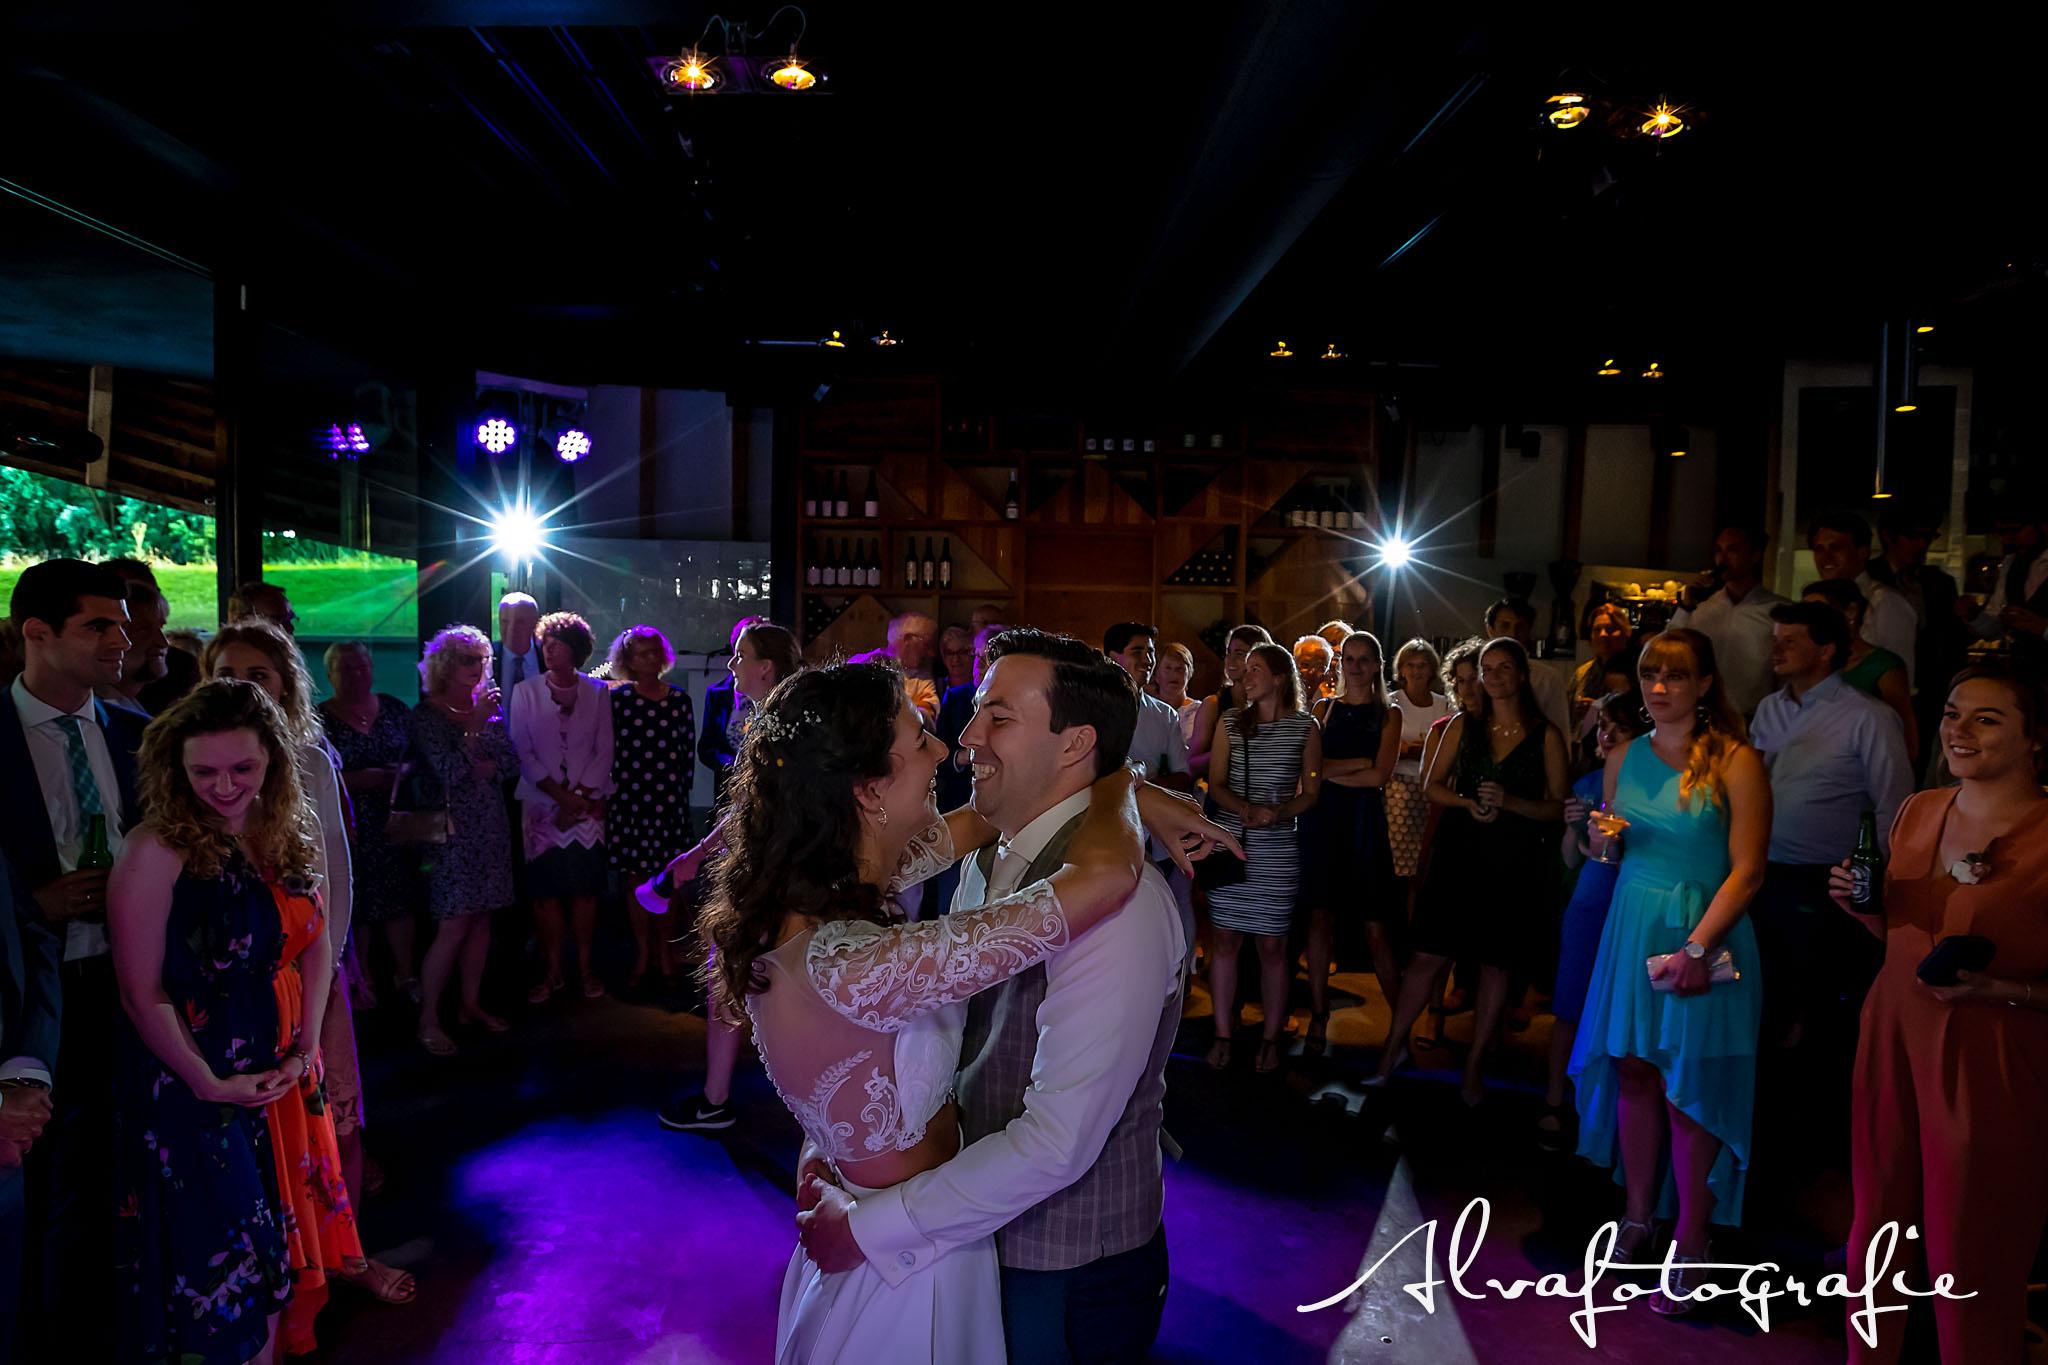 Bruiloft Maren en Tim Alvafotografie dansvloer